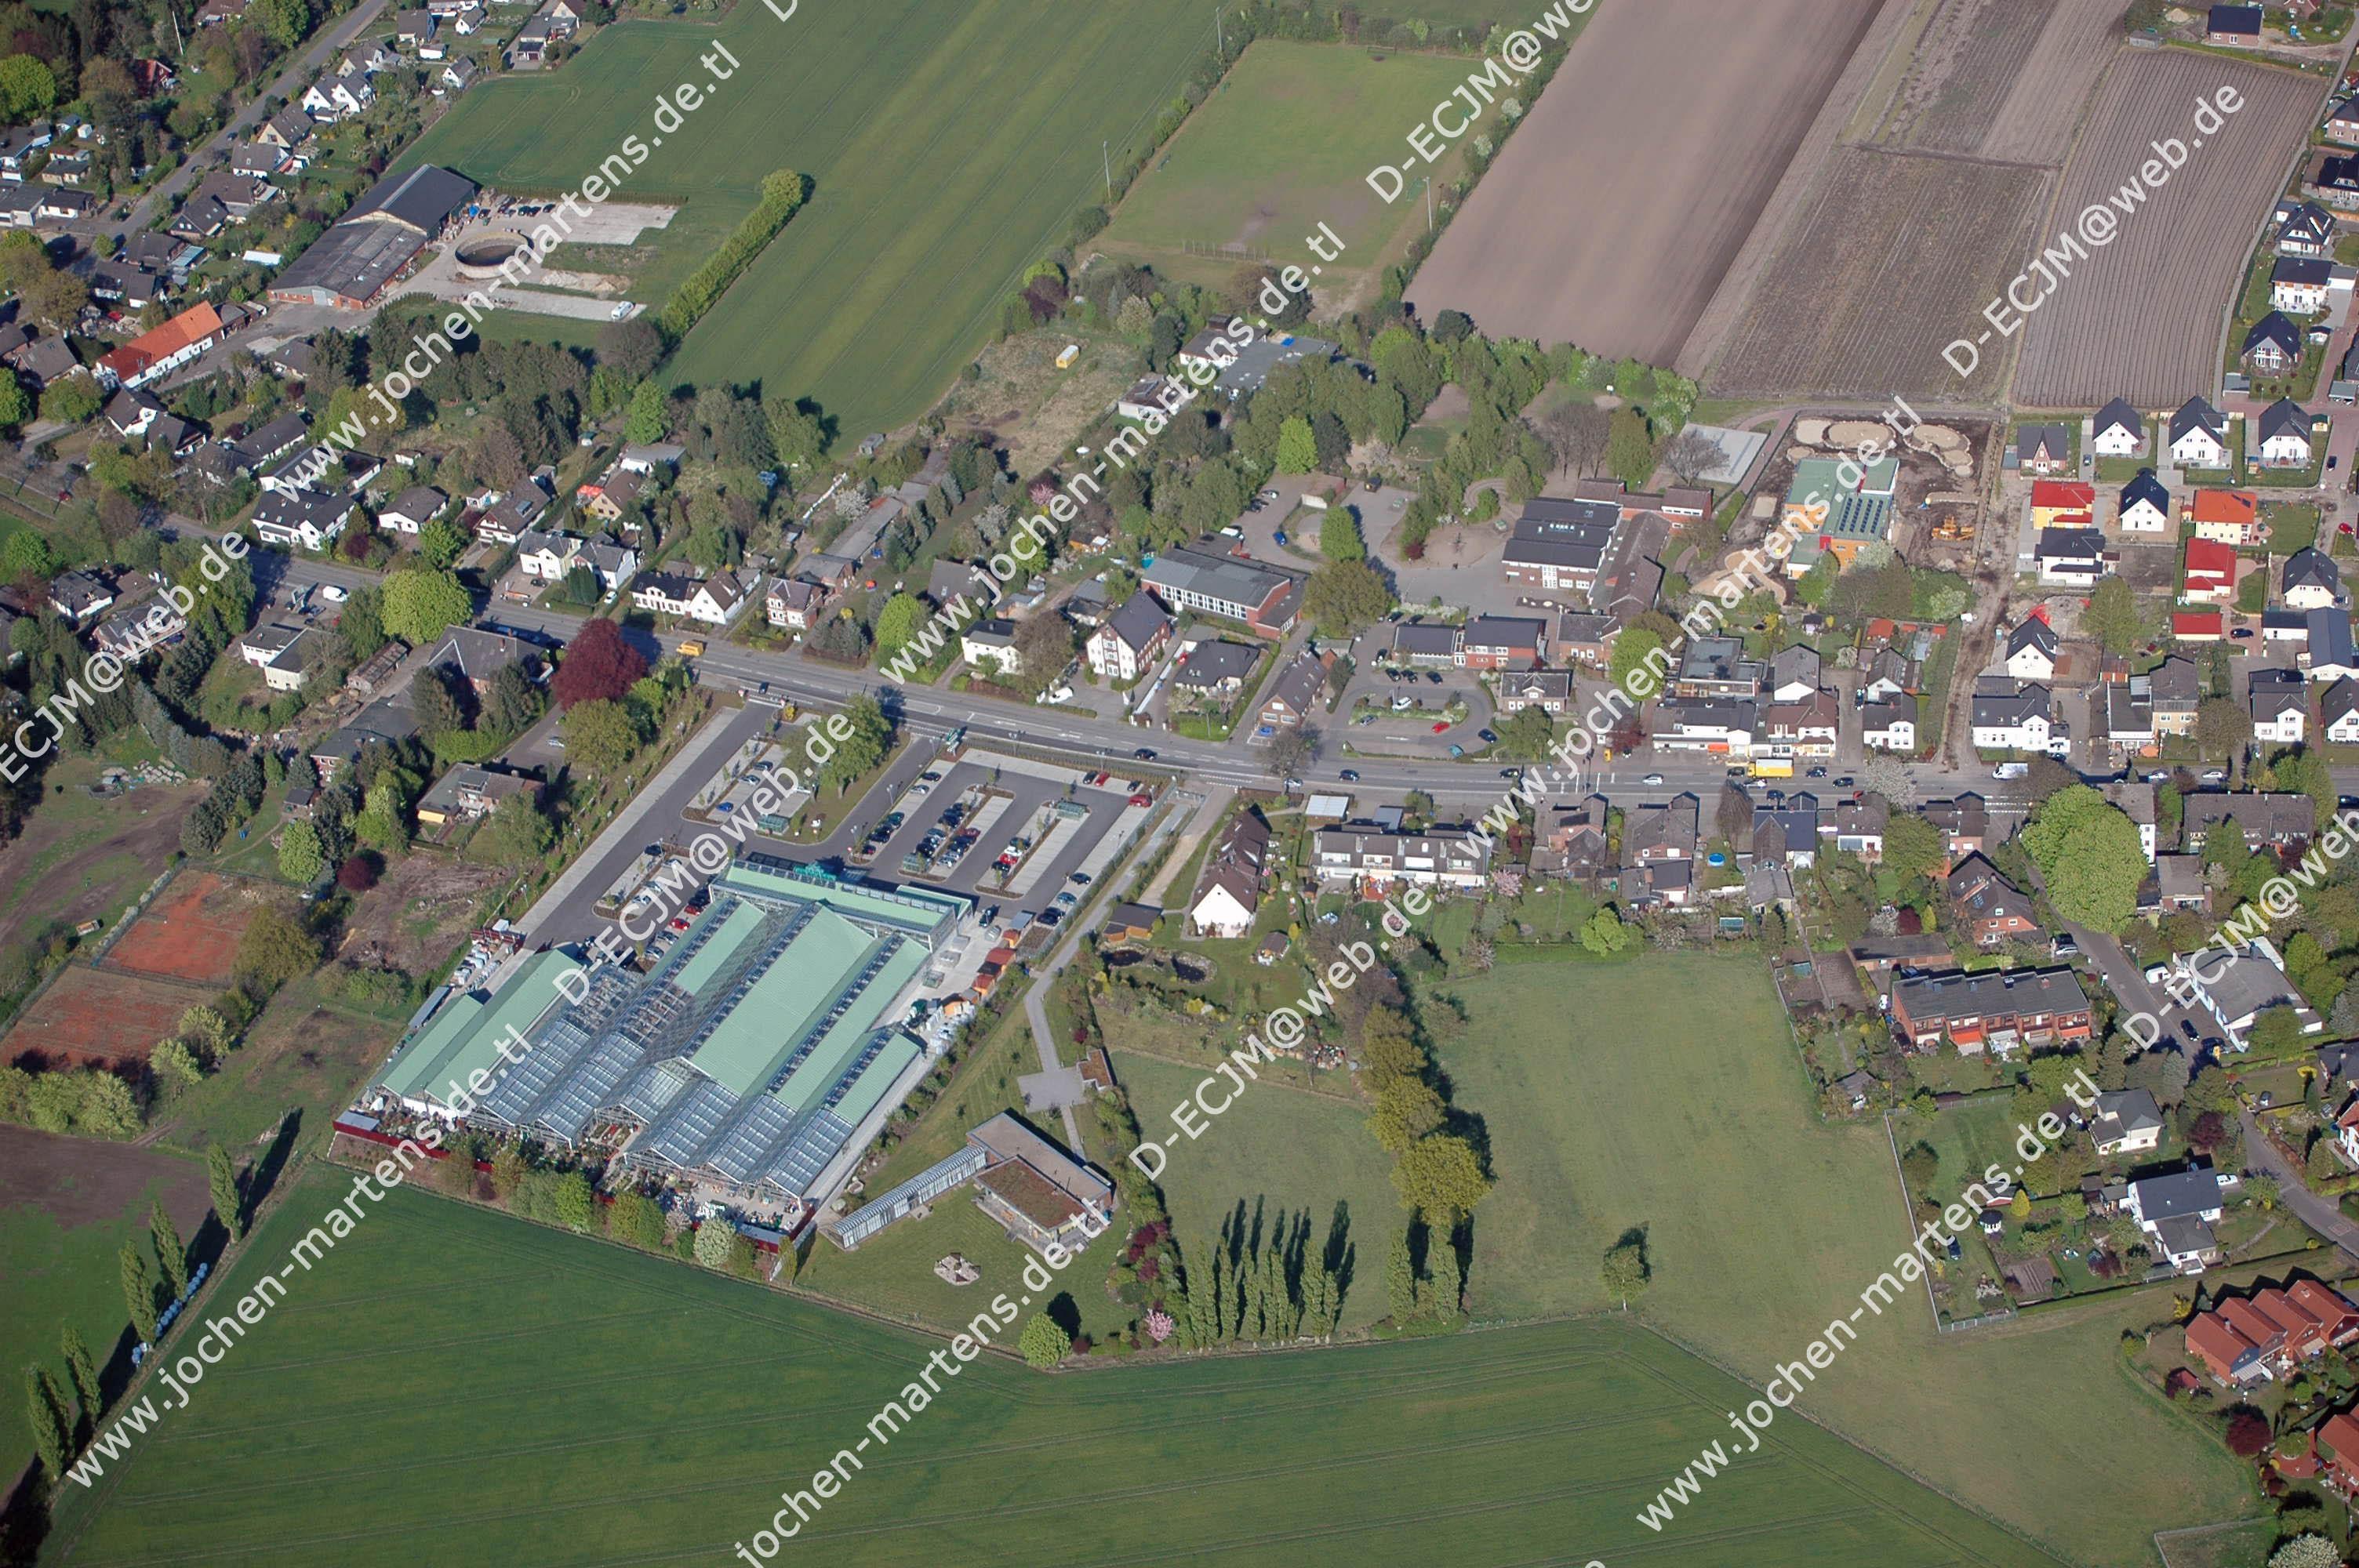 Luftbilder nicht nur aus b nningstedt b nningstedter bilder vom in voller gr sse - Gartenmarkt hamburg ...